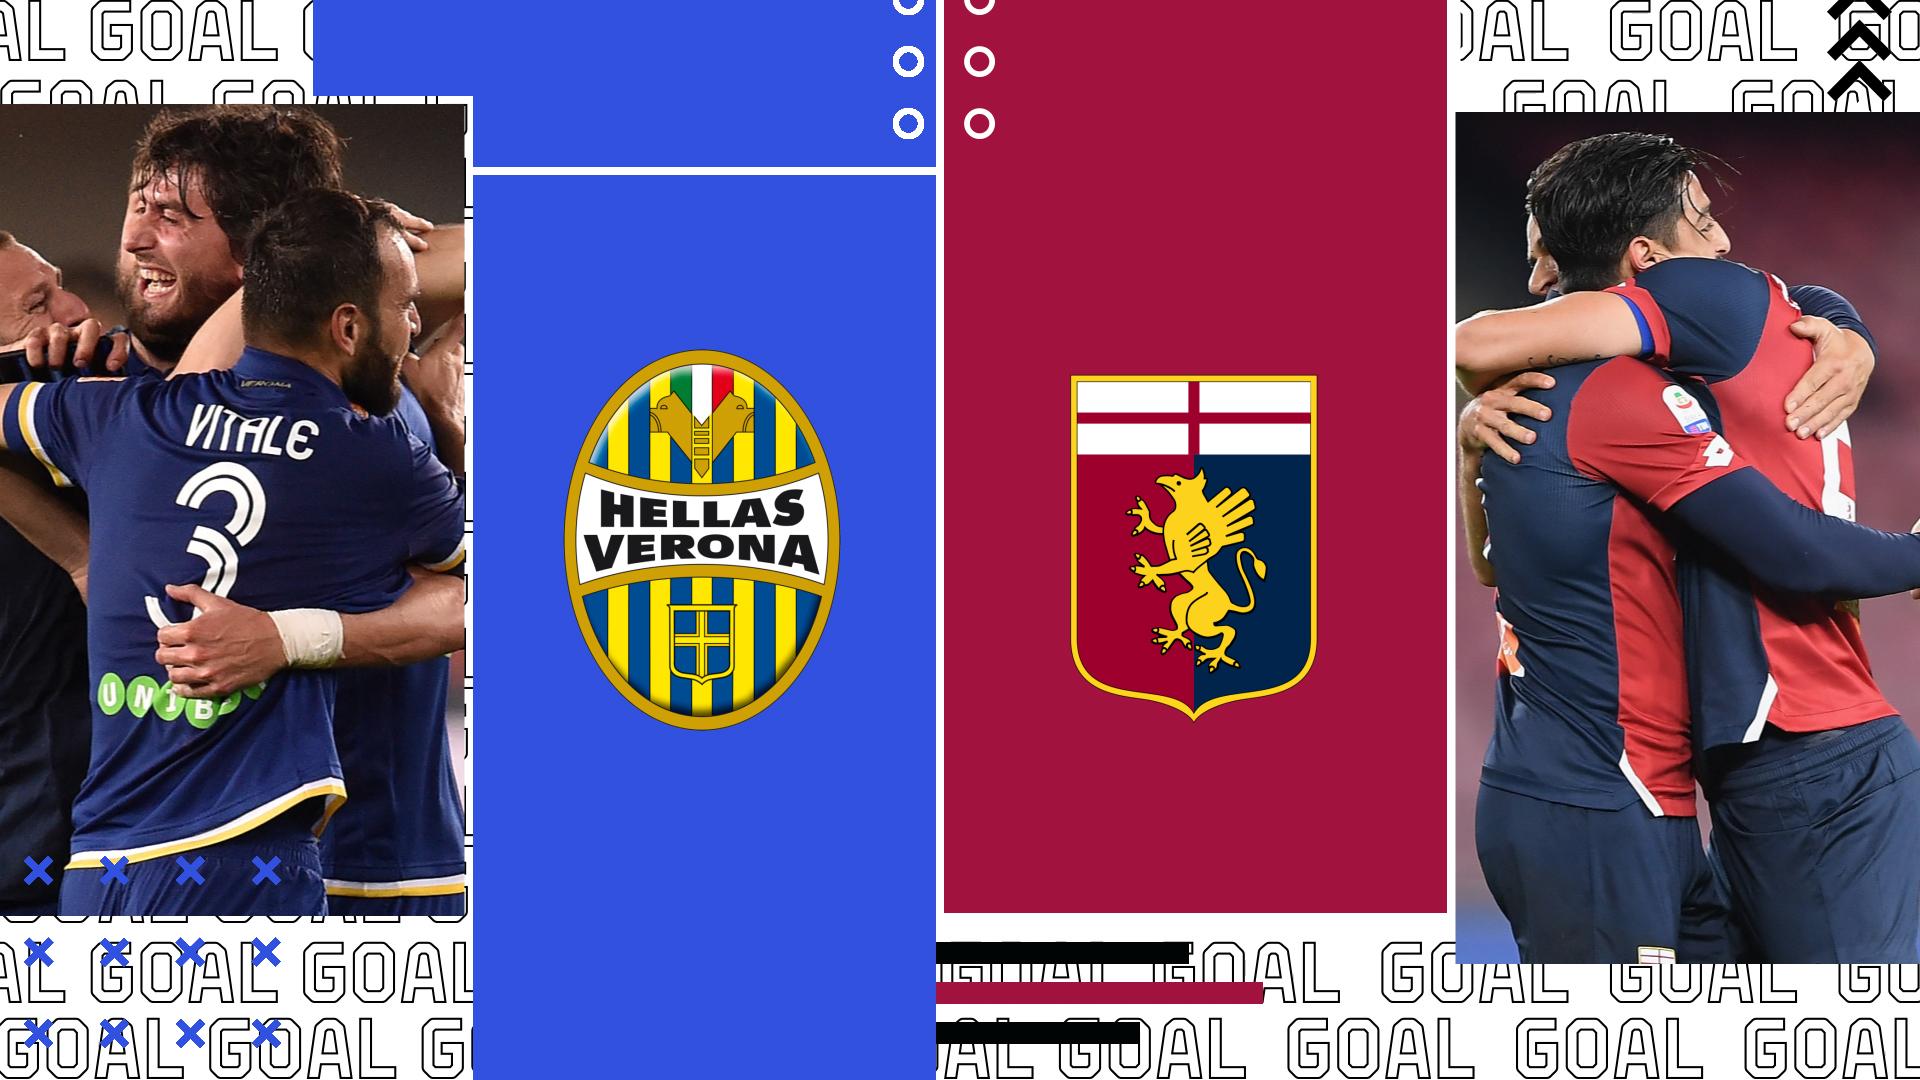 Verona Genoa, la gara iniziera con 15 minuti di ritardo: ecco perchè